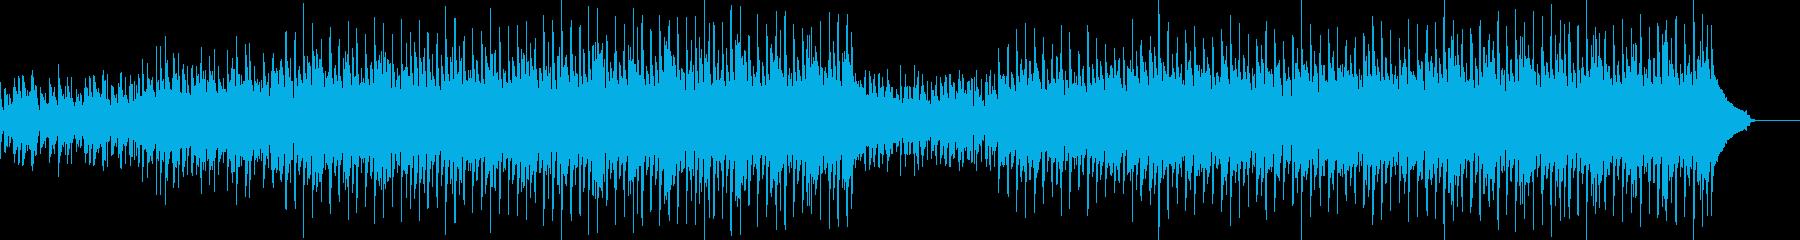 ウクレレアコースティックギターとパーカッの再生済みの波形